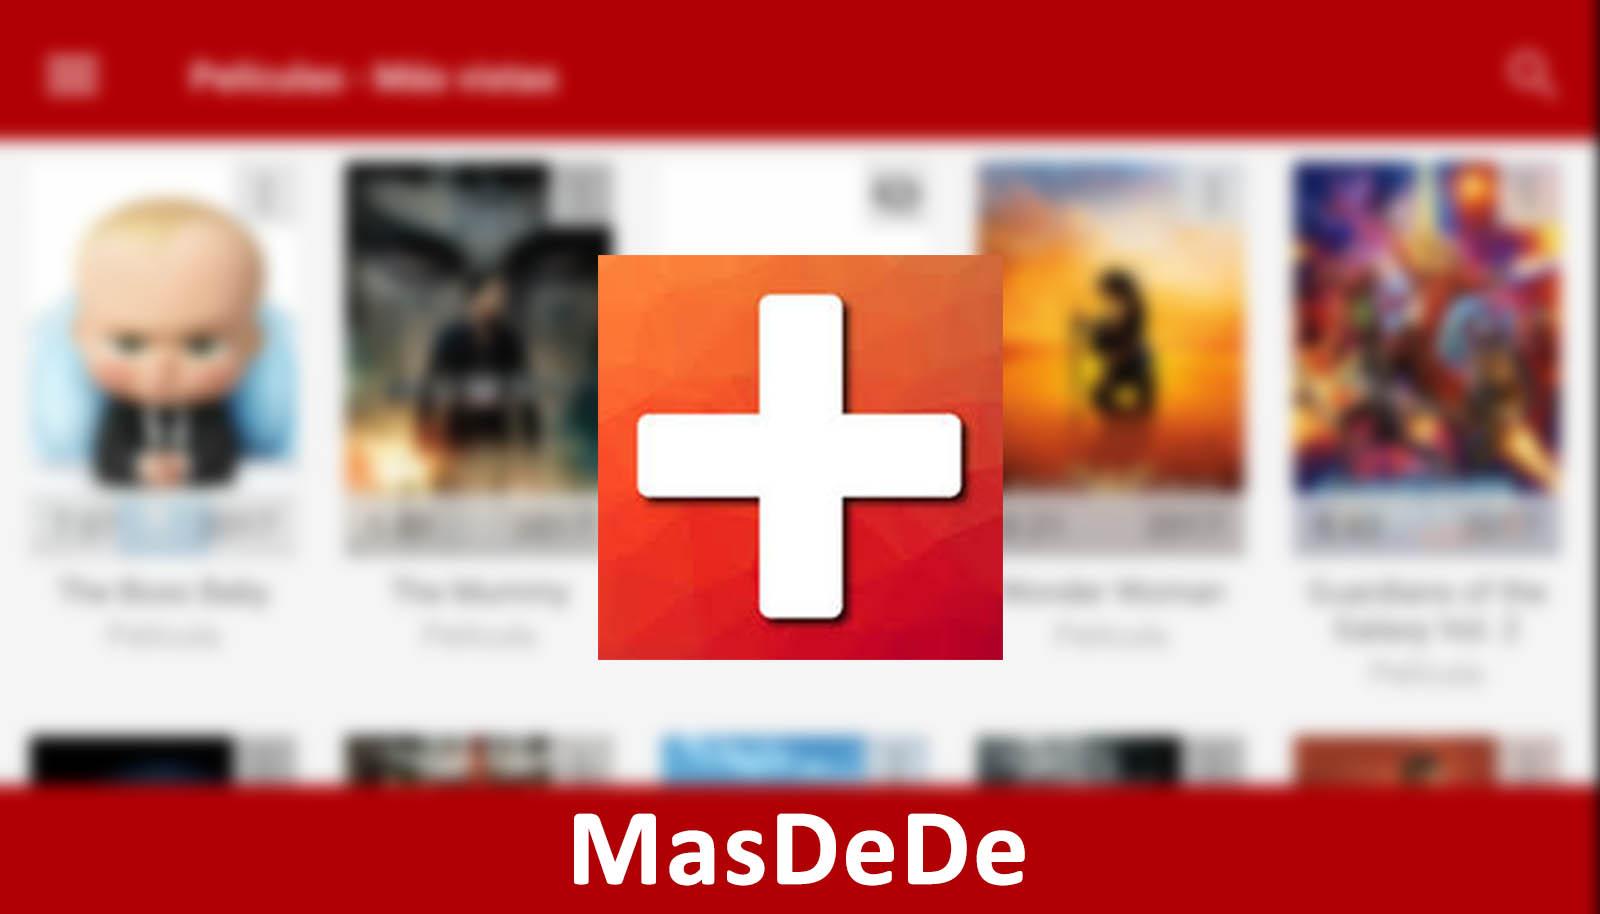 MasDeDe Descarga Gratis para Android | PC